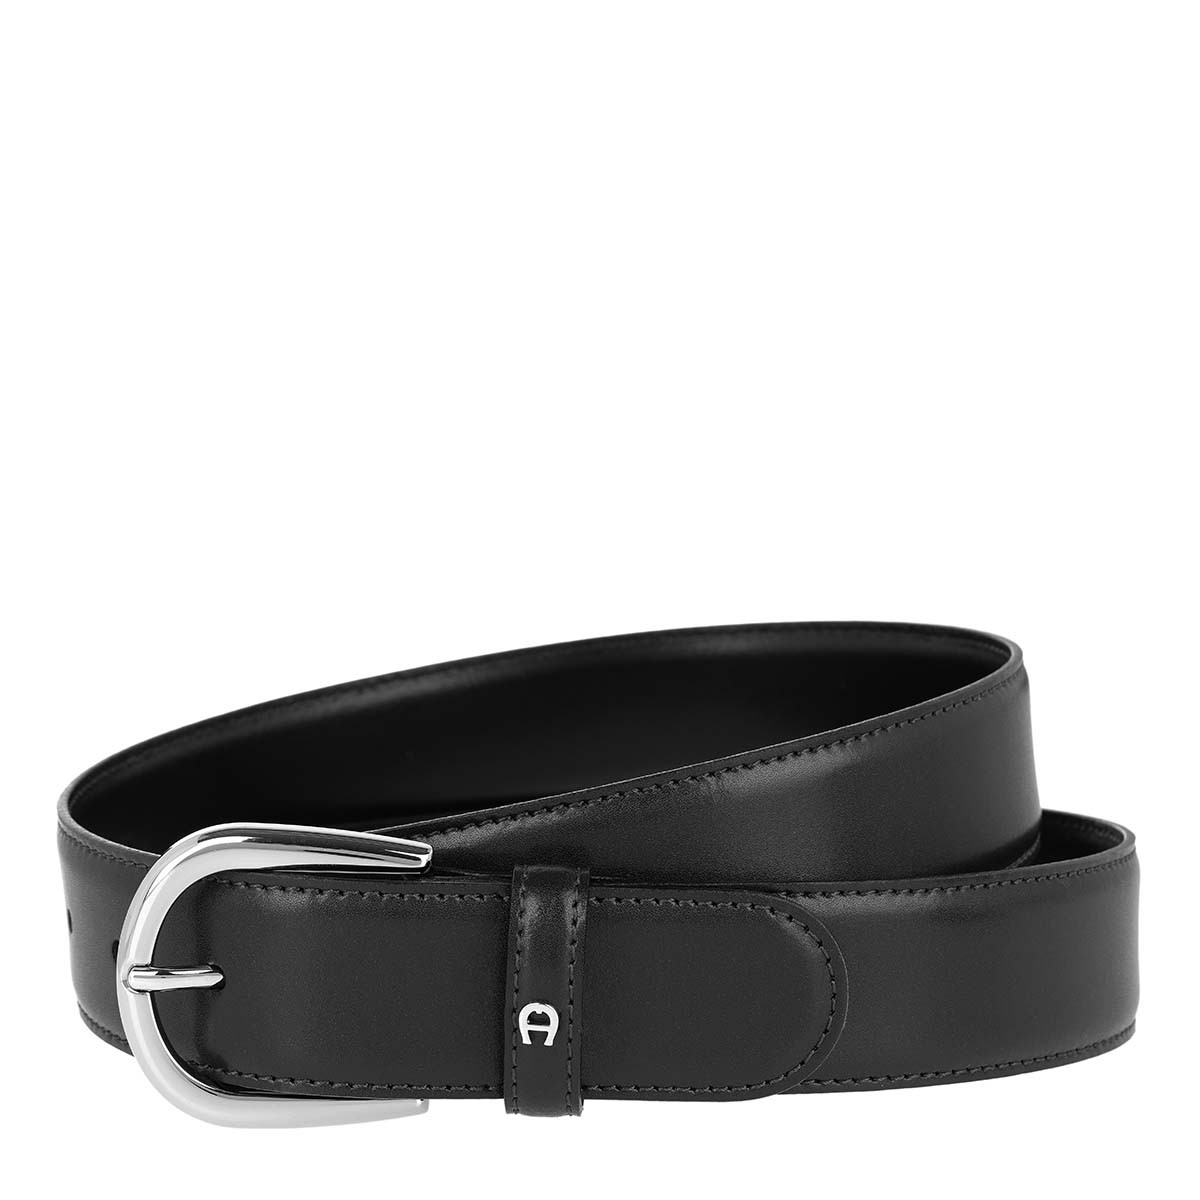 Aigner Gürtel - Black - in schwarz - für Damen